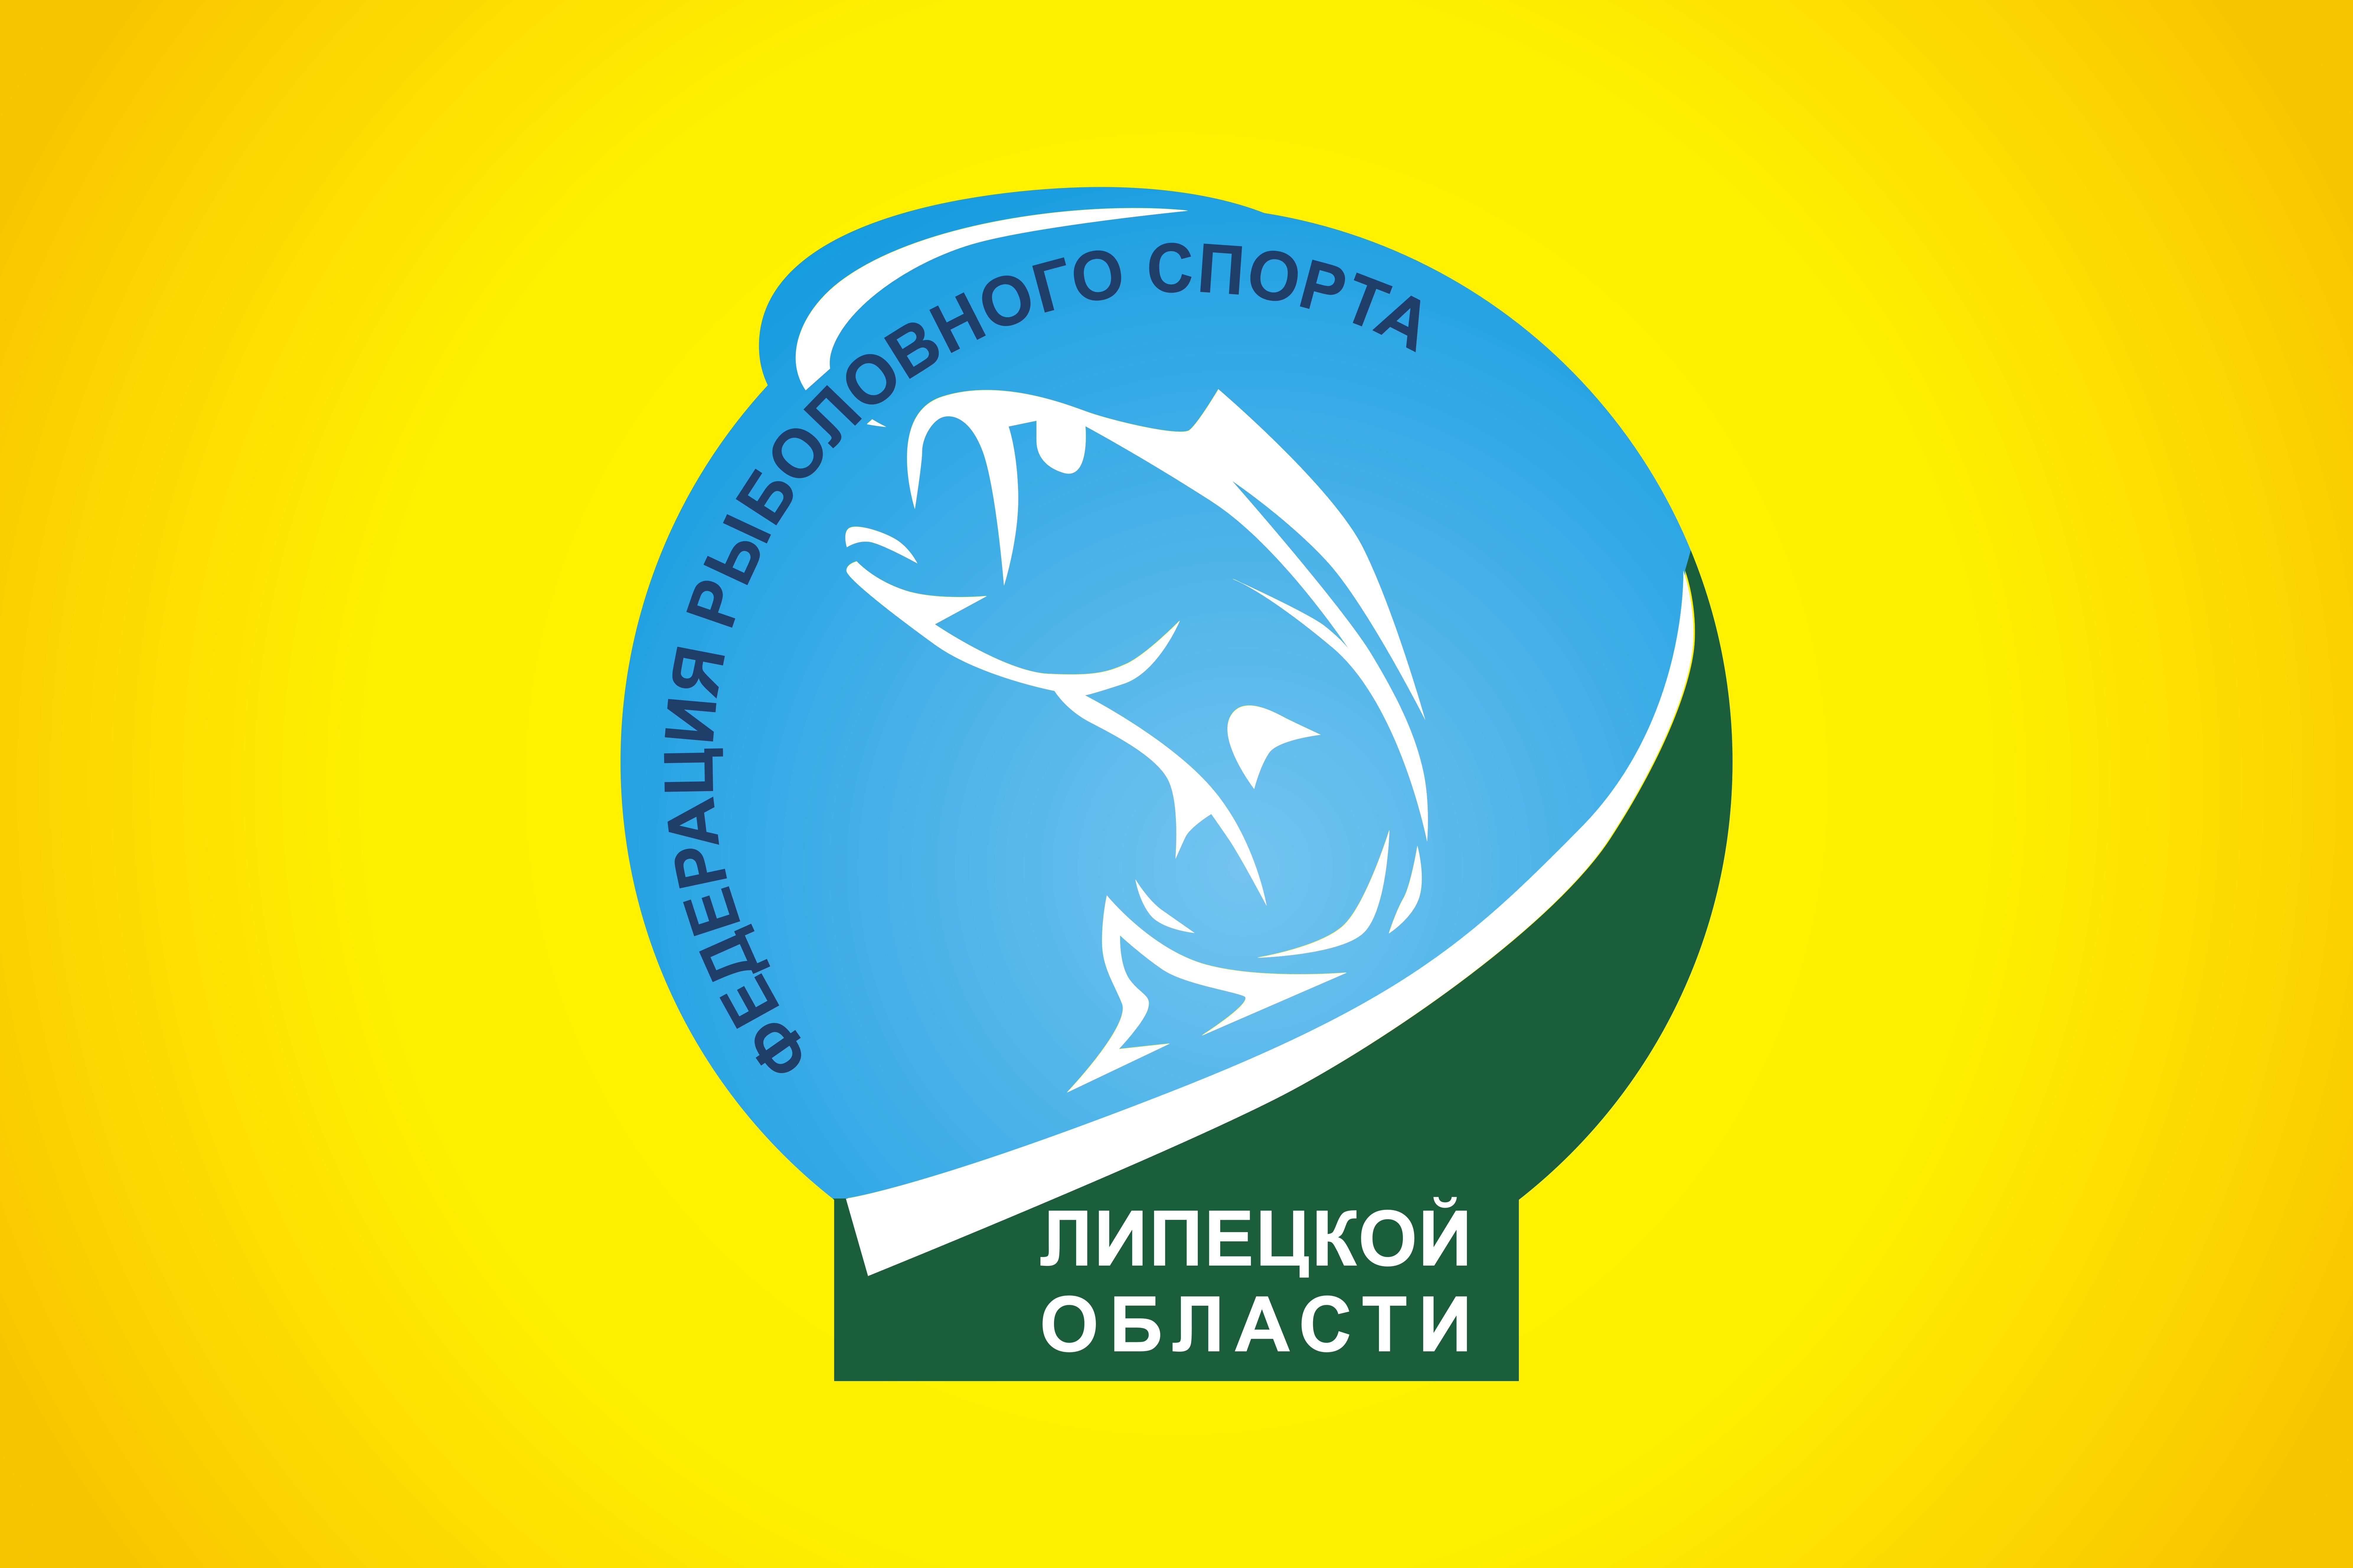 Логотип Федерации спортивного и любительского рыболовства Липецкой области